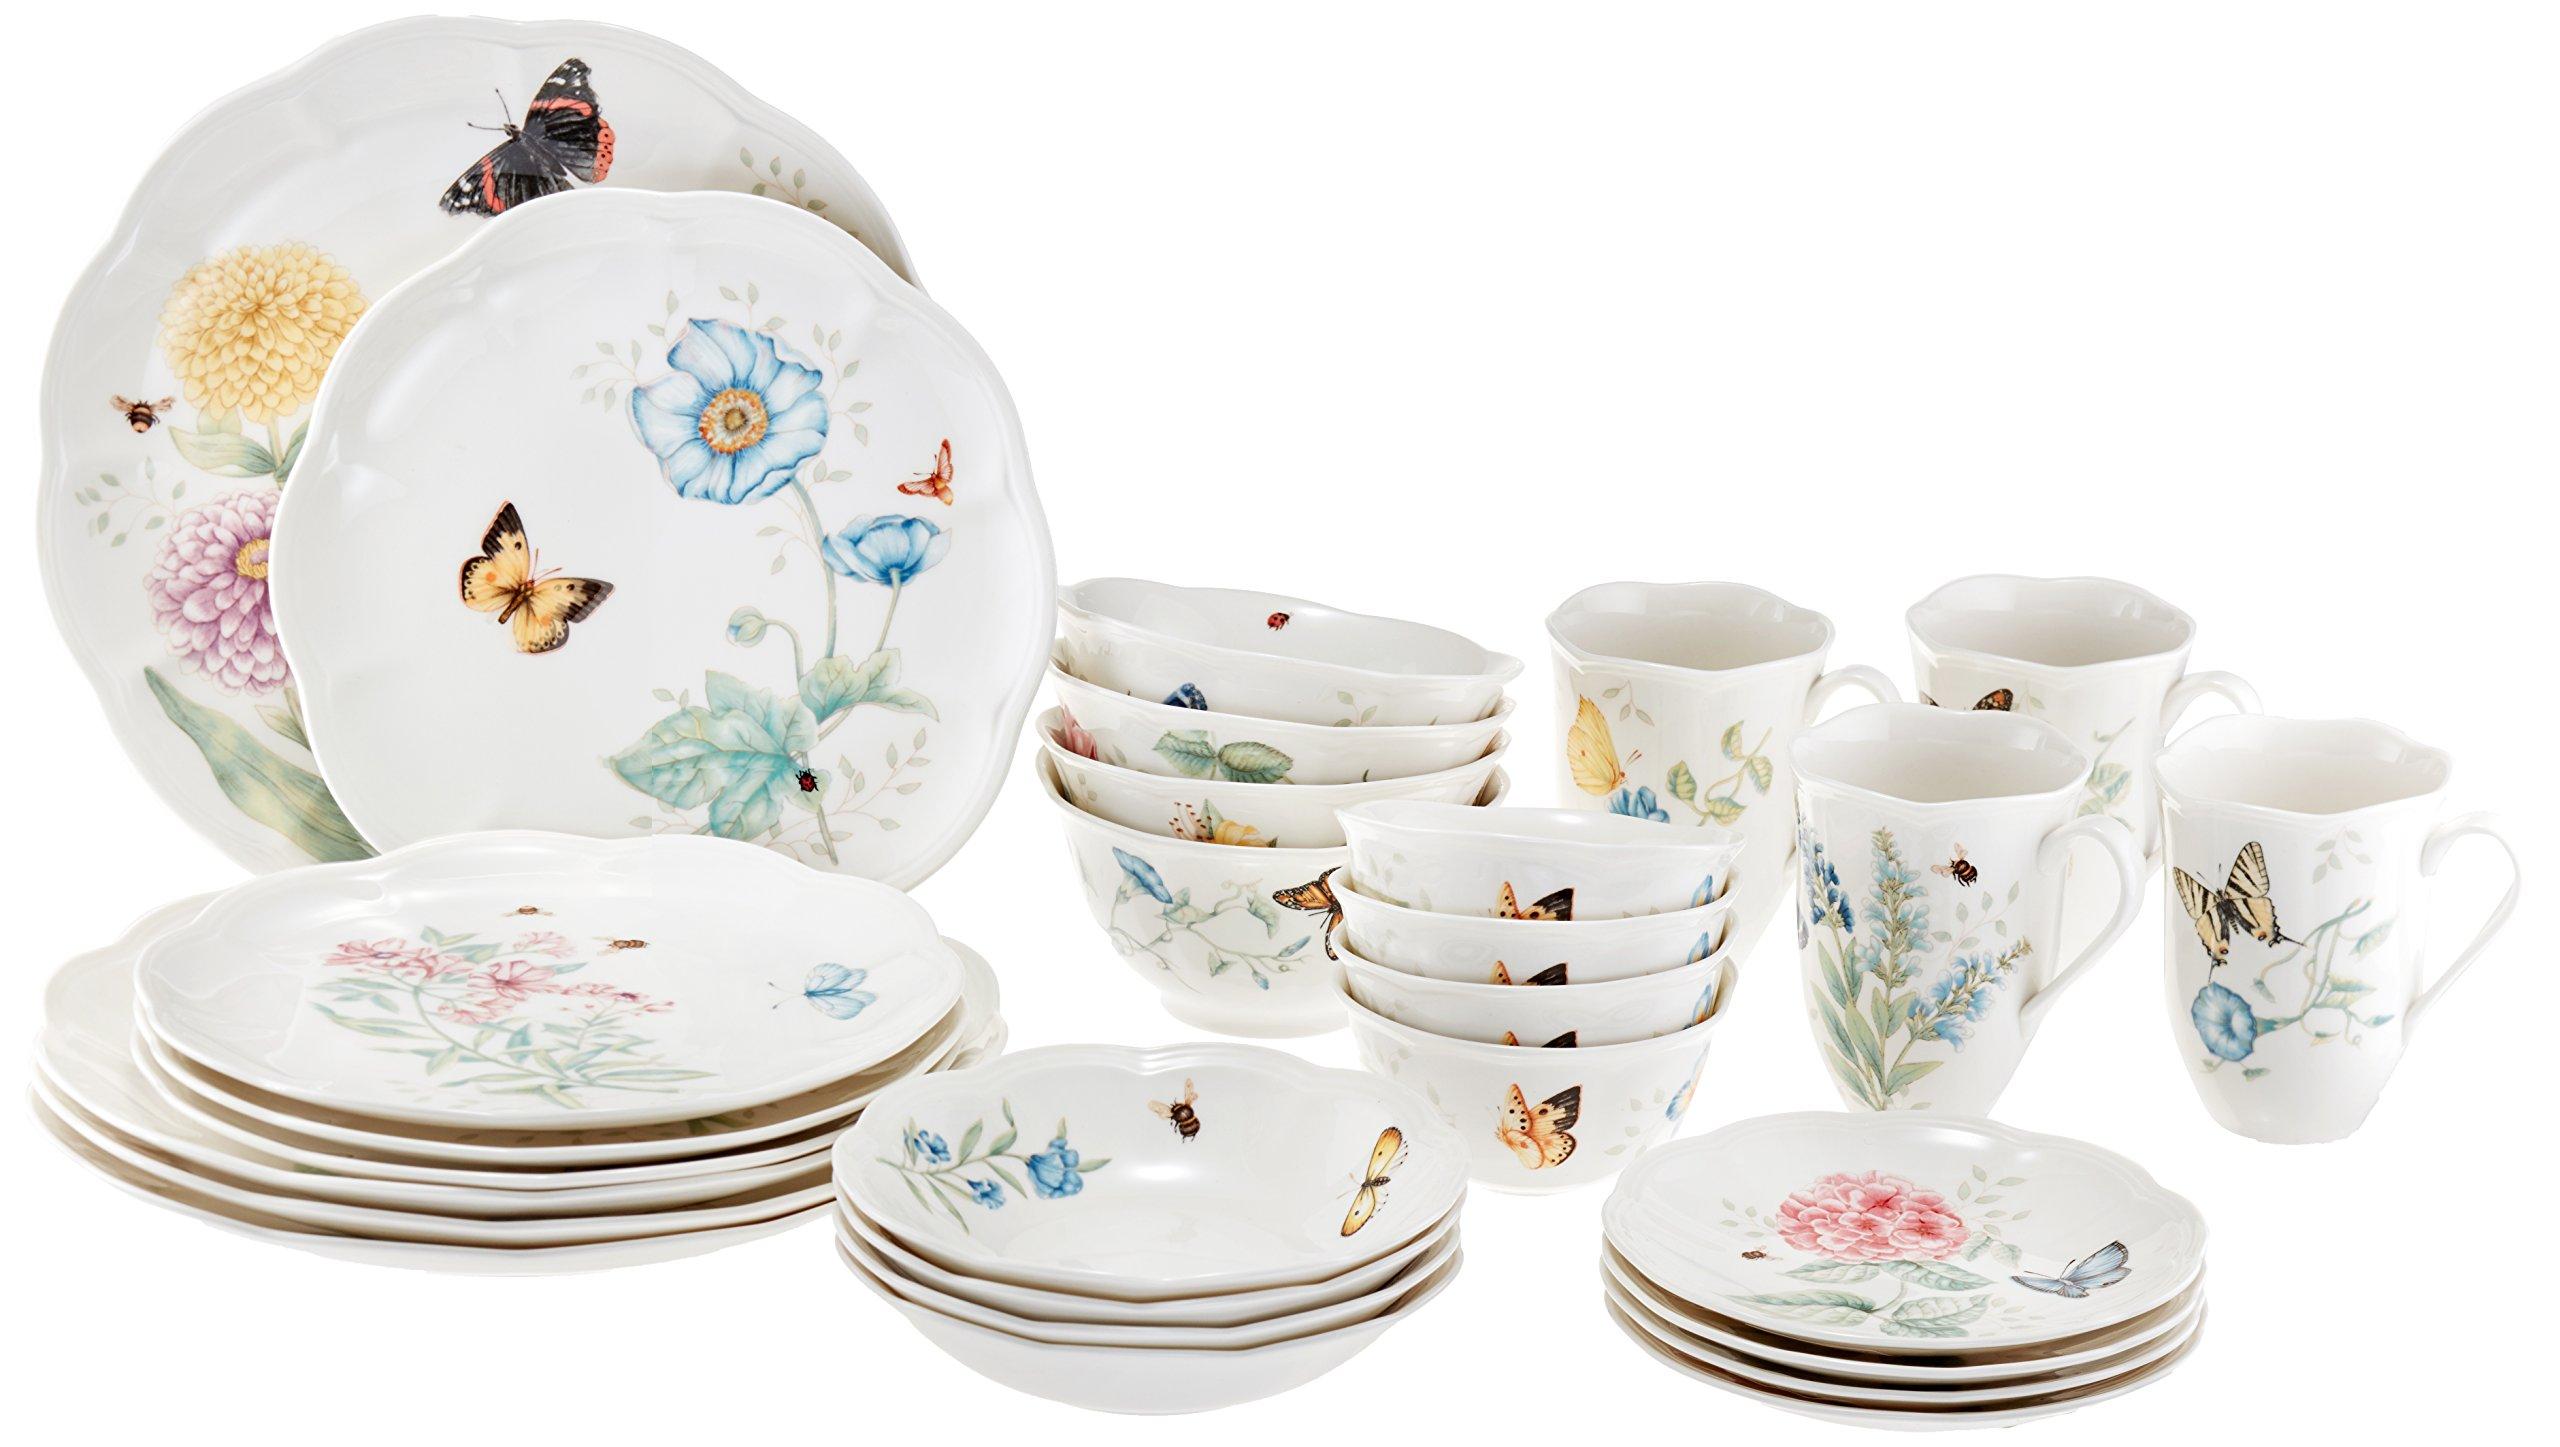 Lenox 28 Piece Butterfly Meadow Classic Dinnerware Set